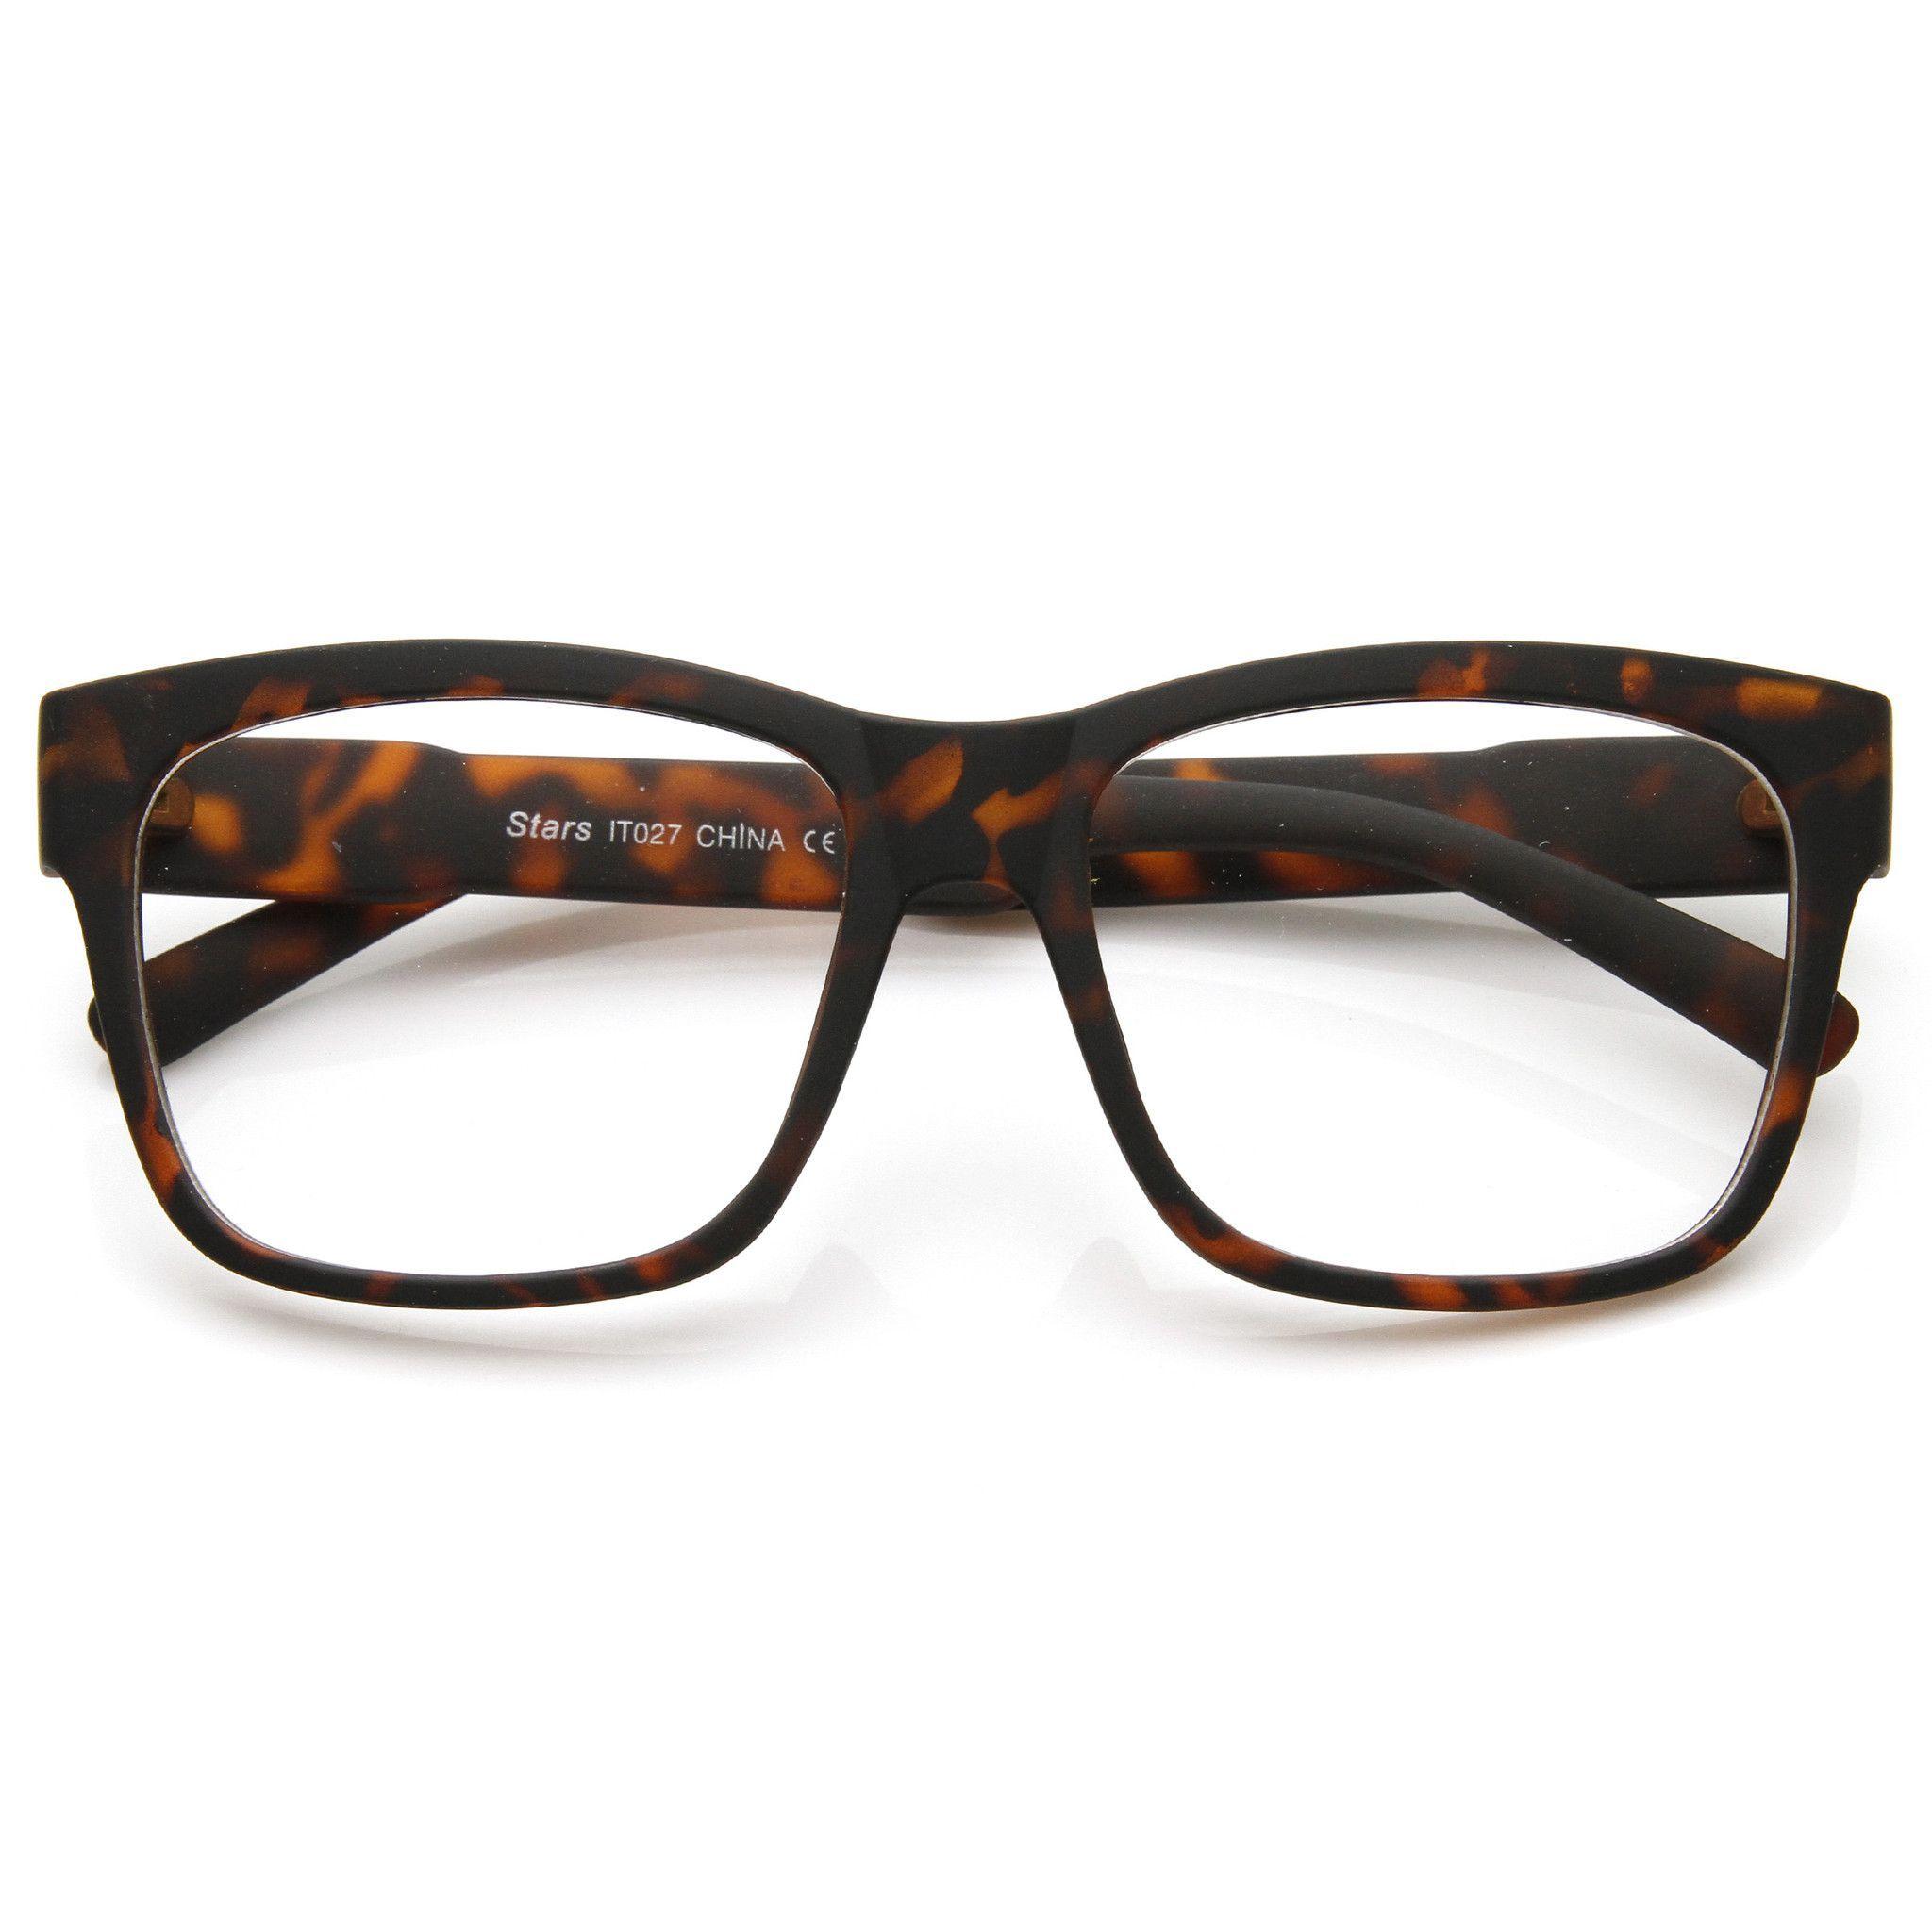 3e00b7d06293 Large Retro Clear Lens Nerd Hipster Horned Rim Glasses 8789 from zeroUV